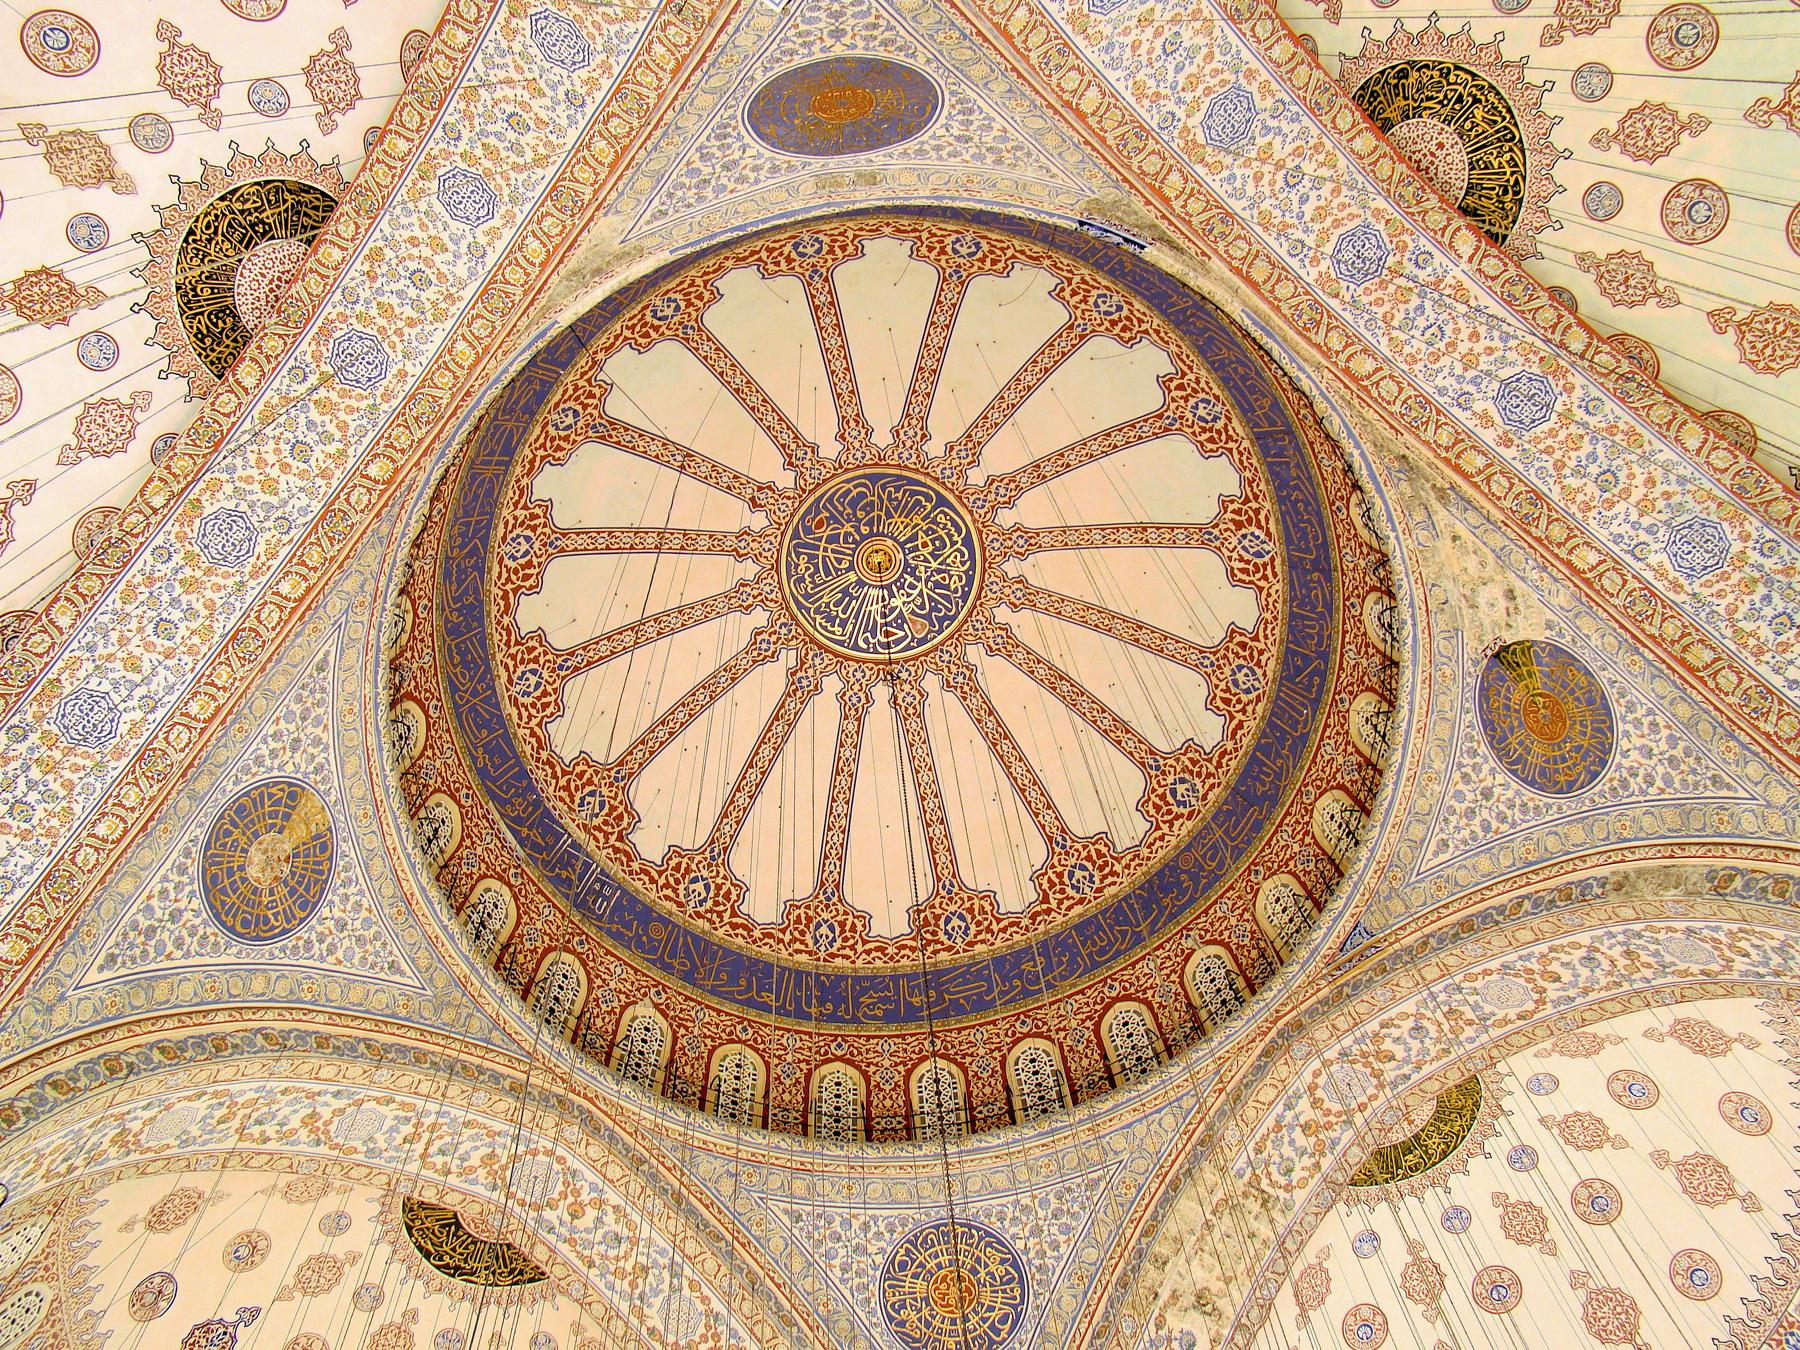 Главный купол Голубой мечети